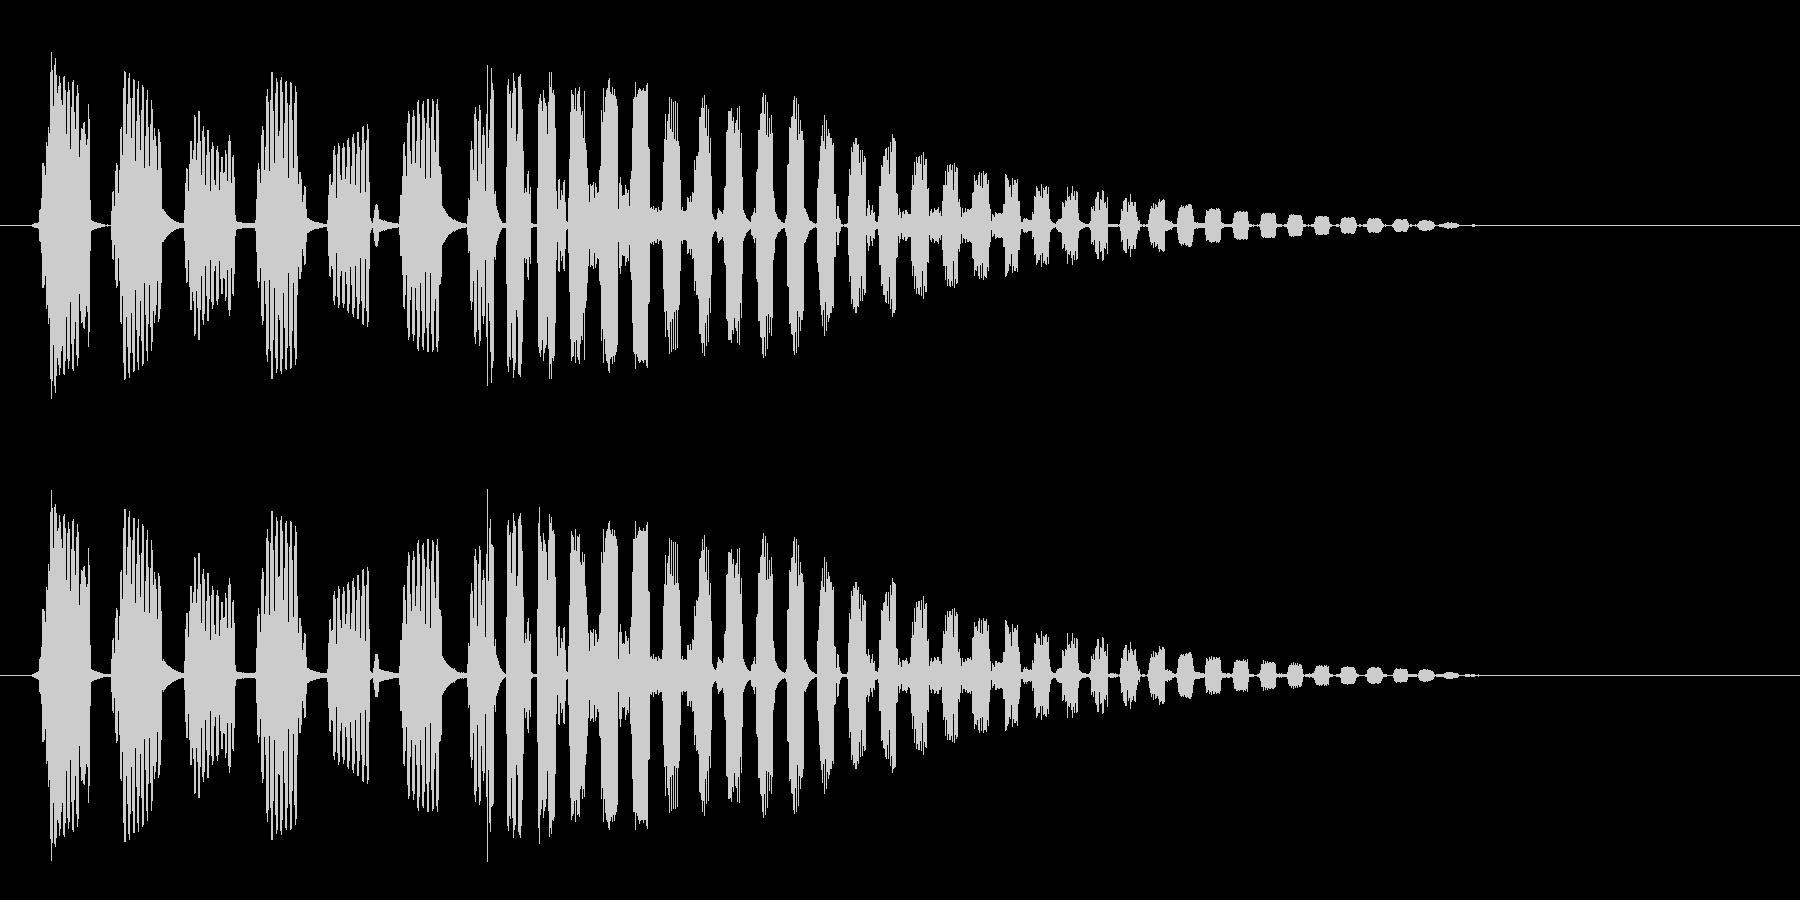 ブヨブヨーン(強めのばねの音)の未再生の波形